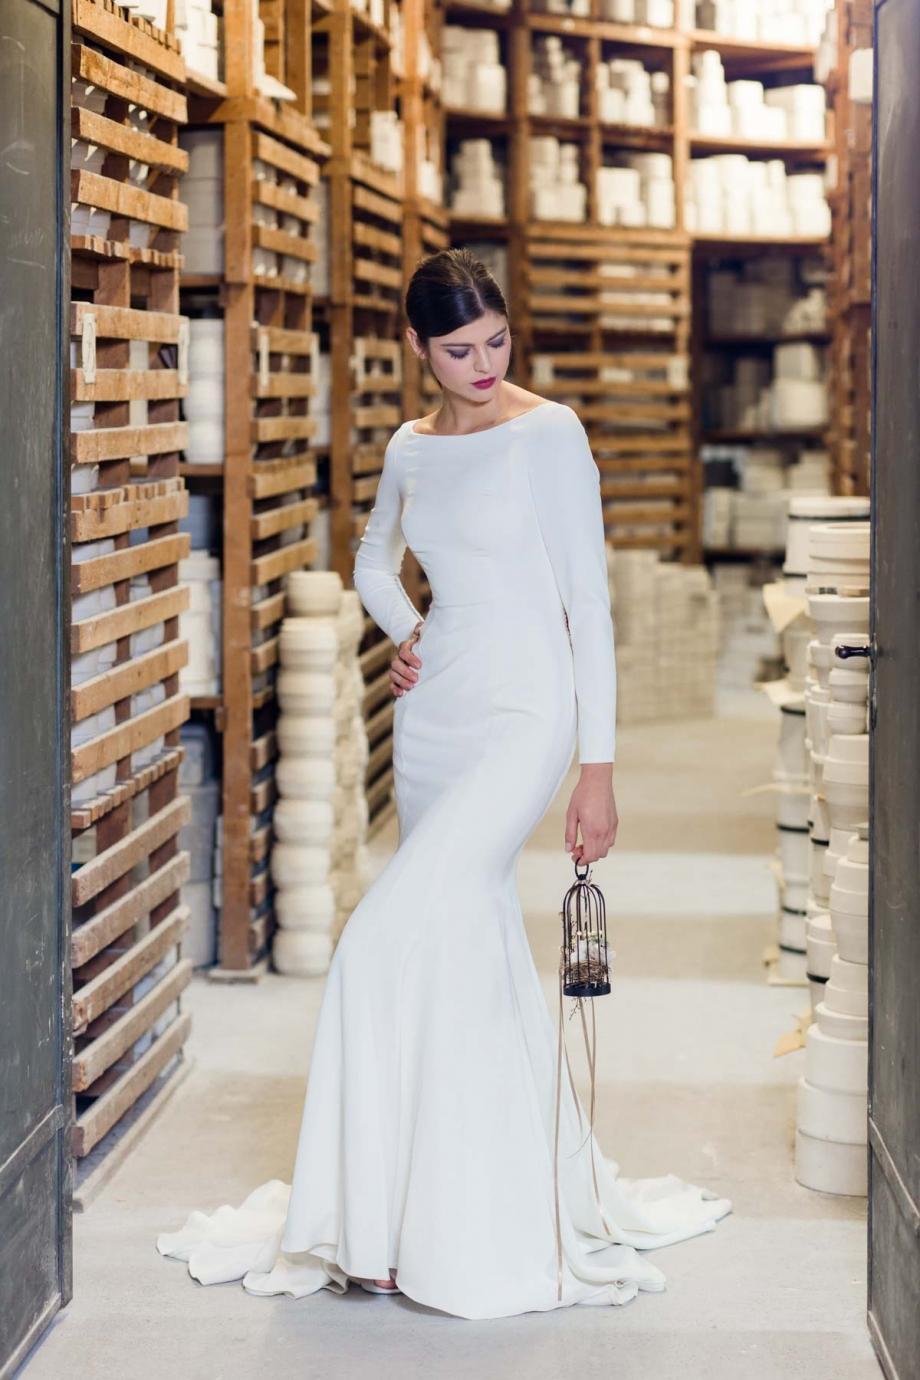 Modernes Brautkleid fotografiert in der staatlichen Porzellanmanufaktur Meissen